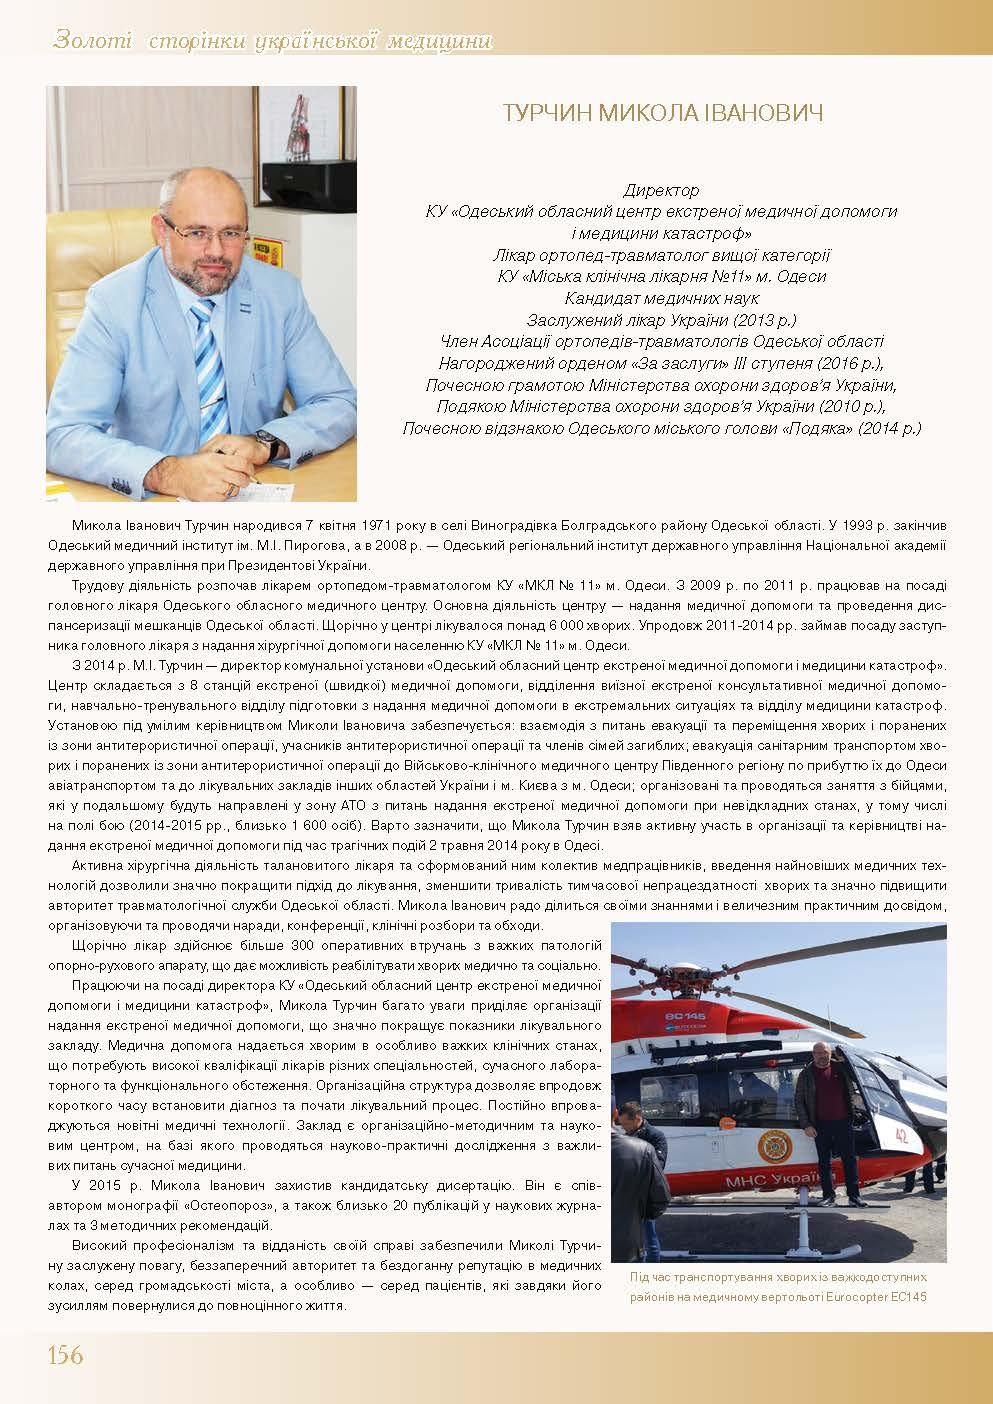 Турчин Микола Іванович